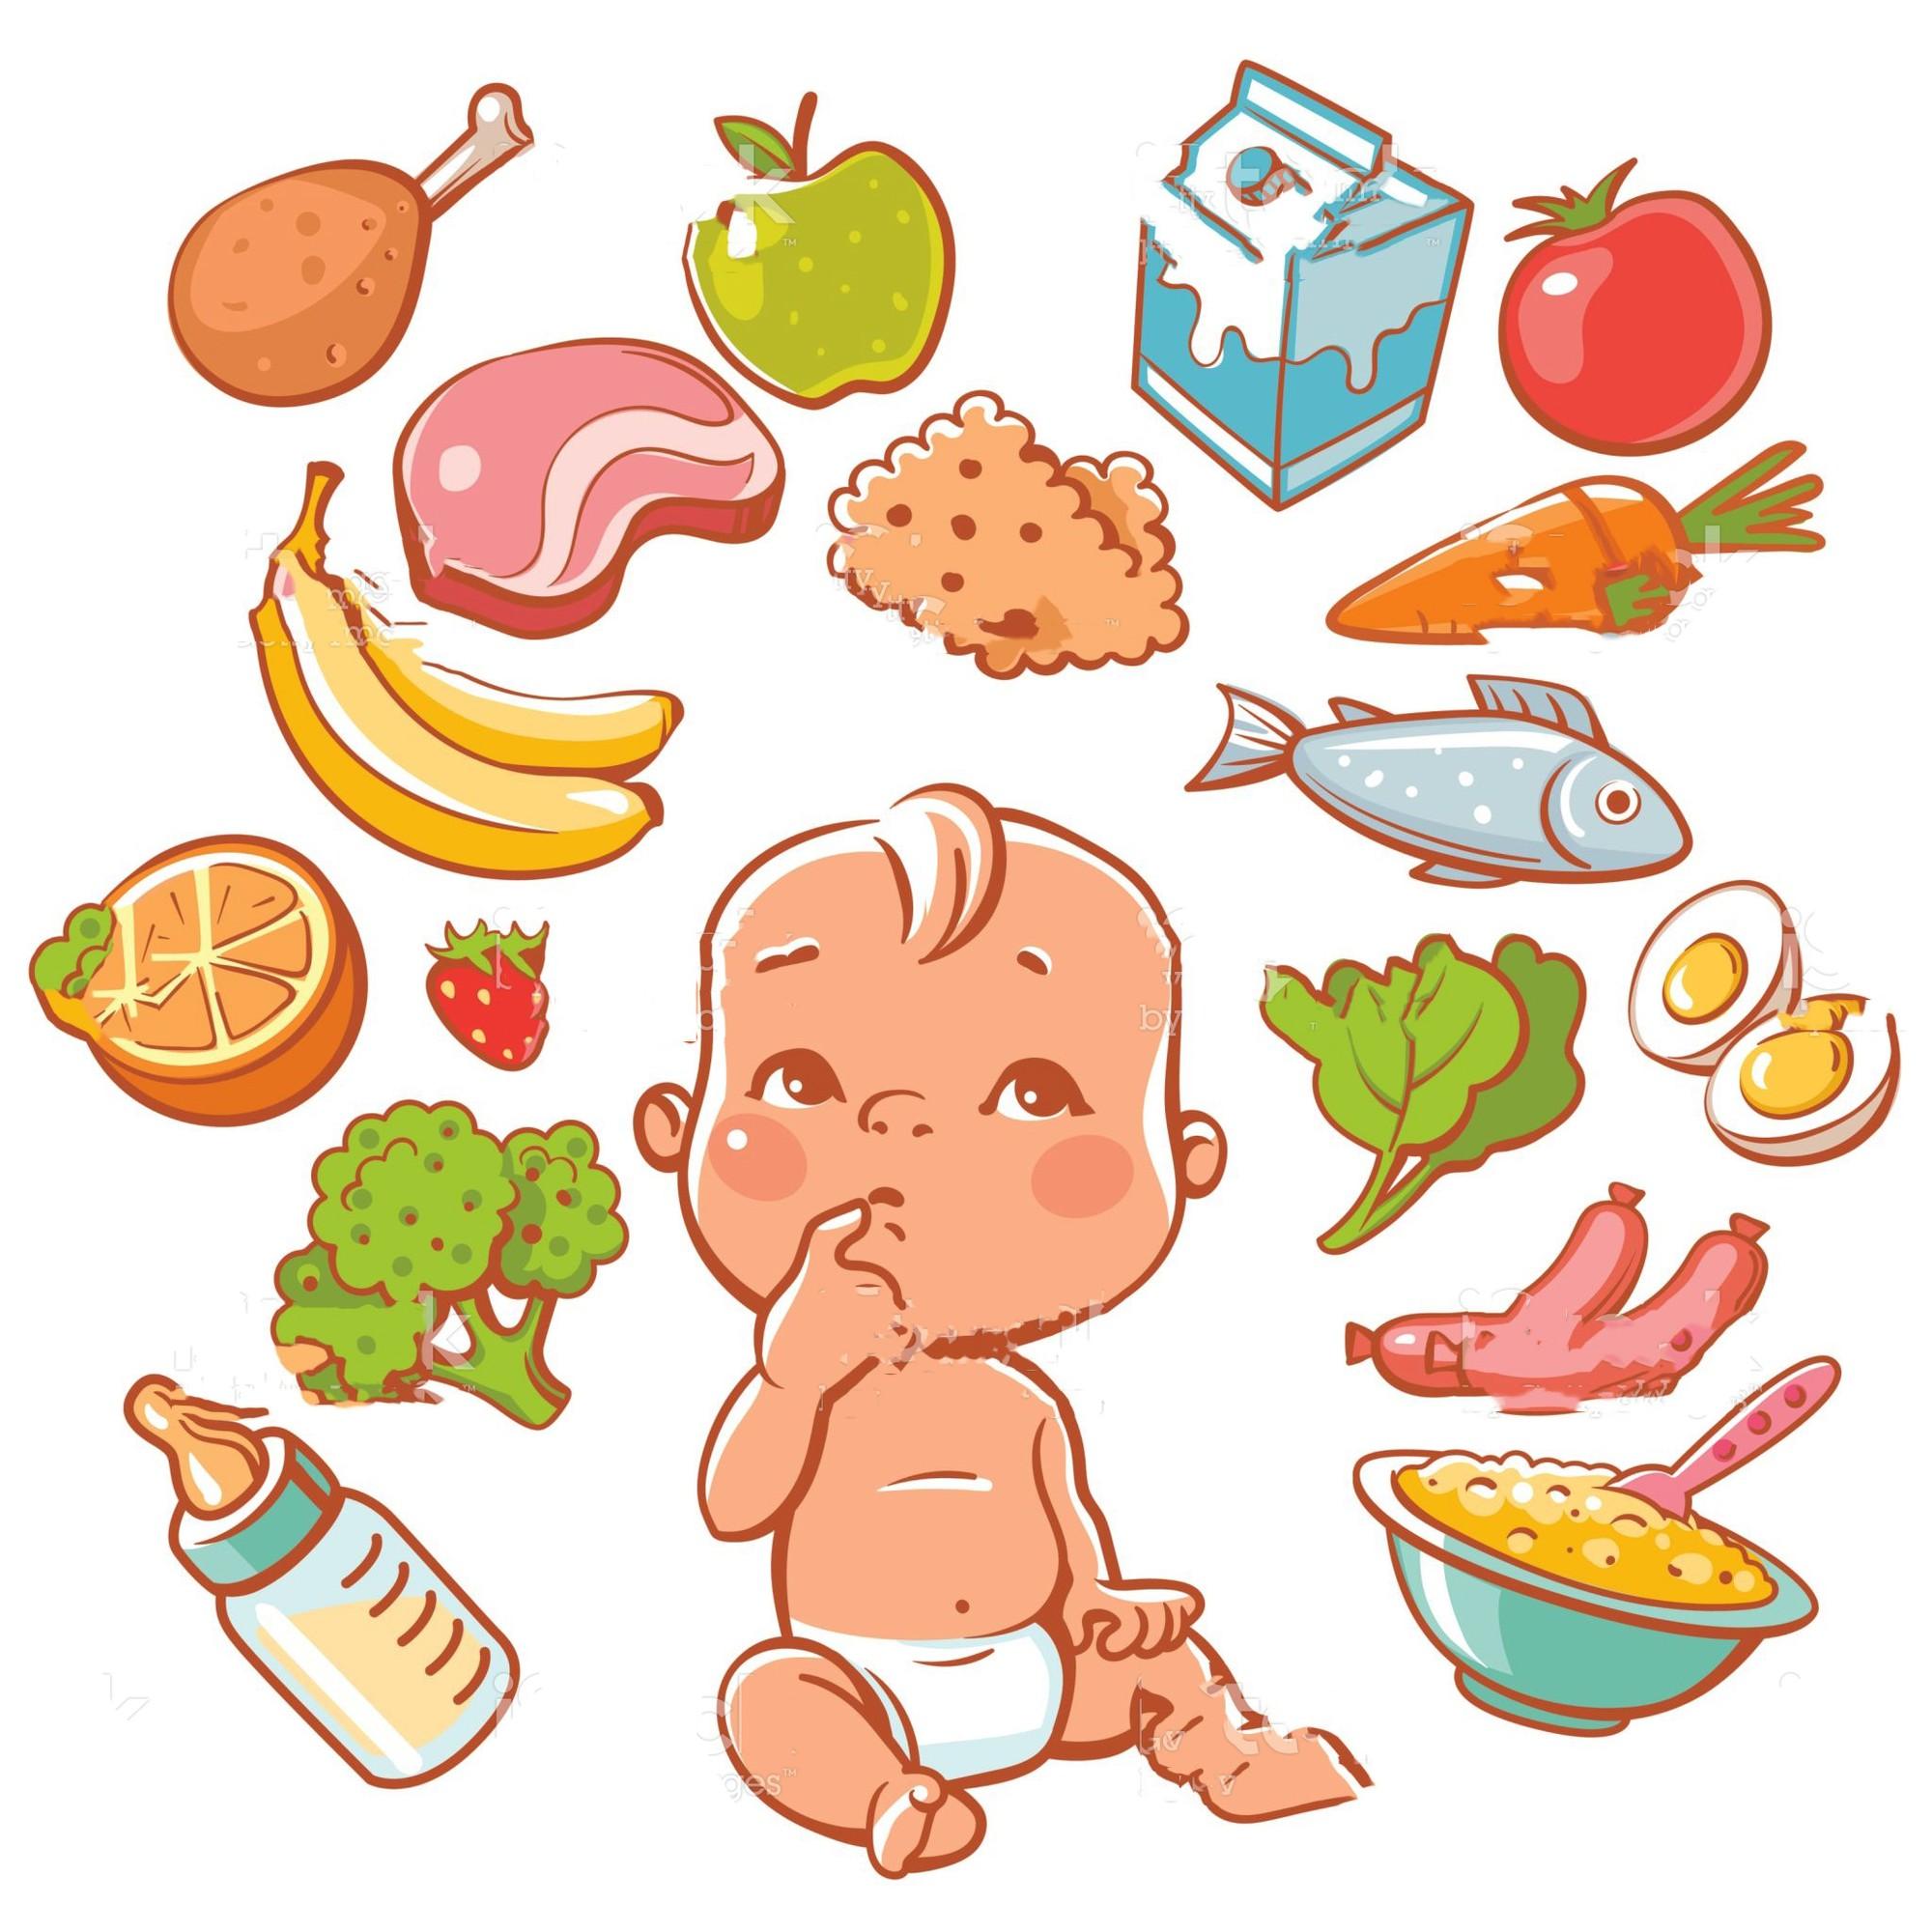 Sữa chua cung cấp nhiều dưỡng chất thiết yếu cho bé